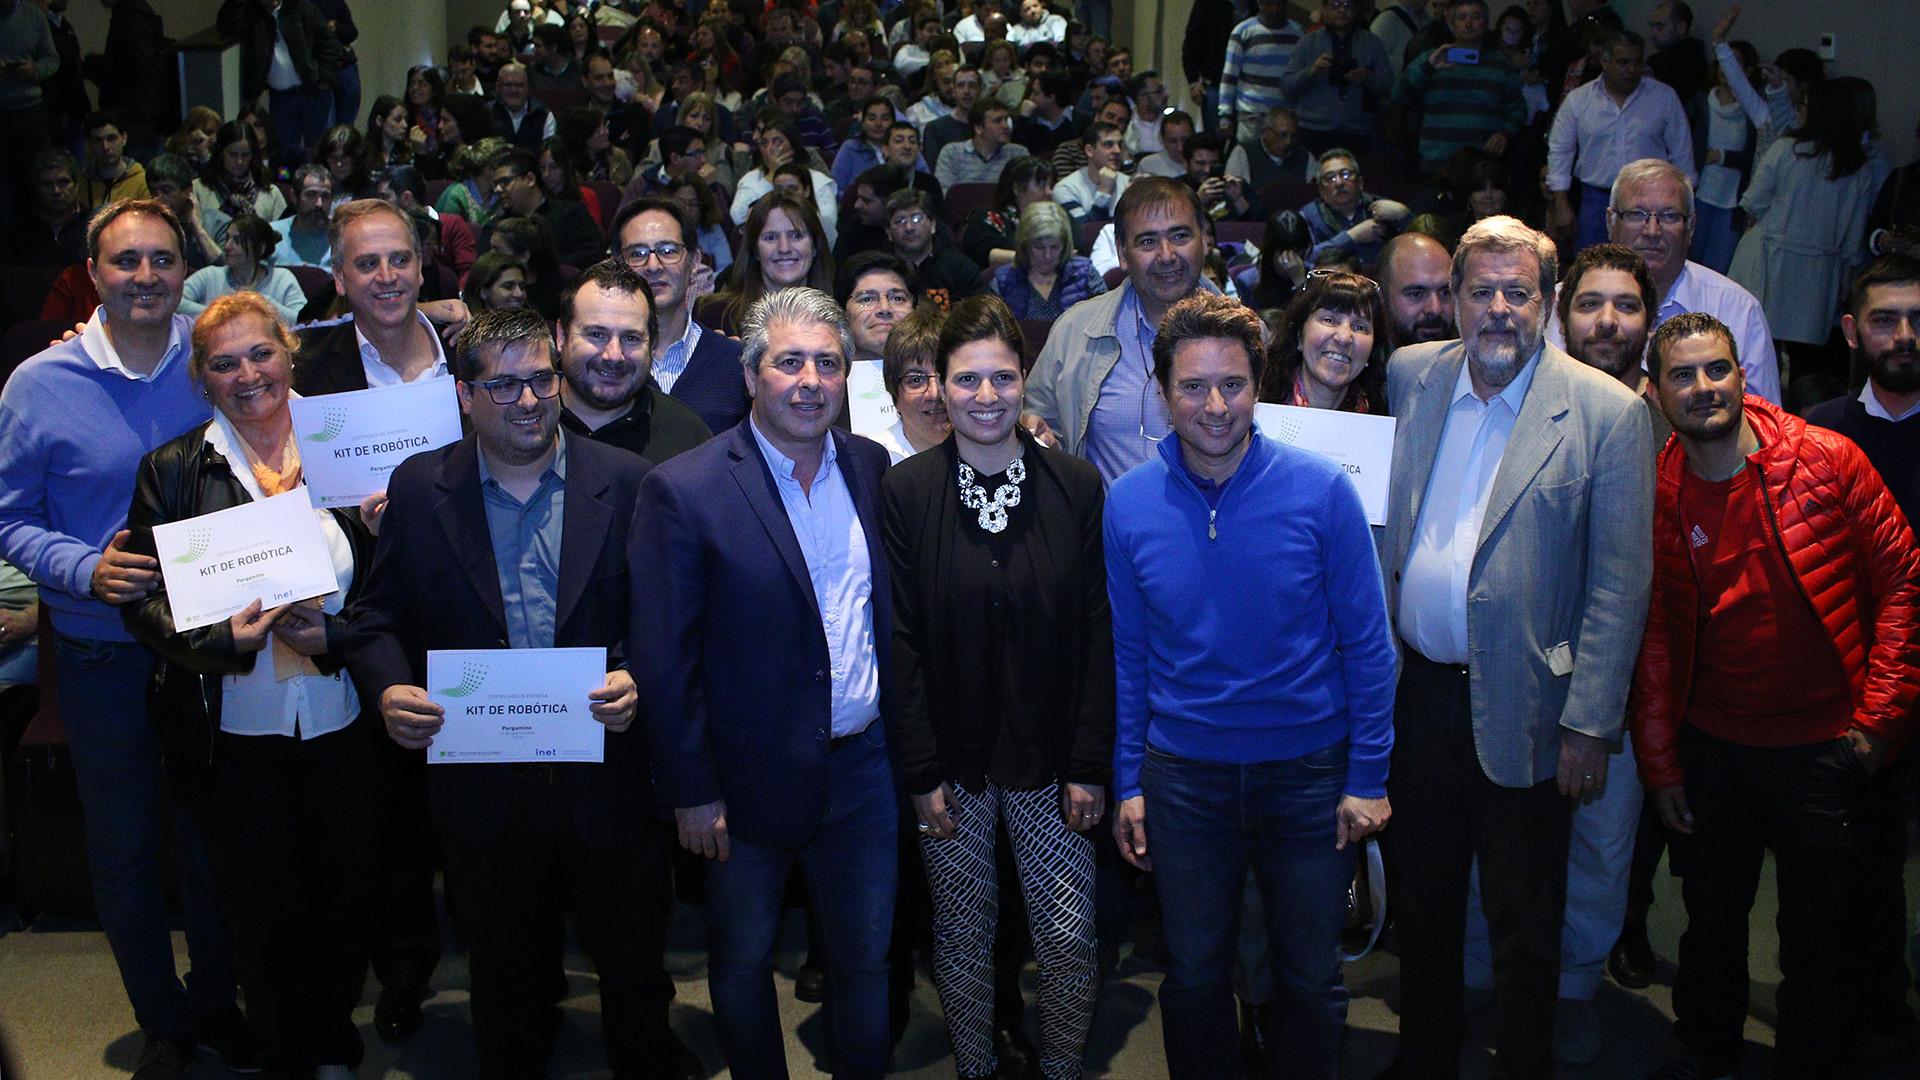 La sala del Teatro Municipal Unión Ferroviaria se colmó de personas que asistieron a la entrega de las impresoras 3D y kits de robótica a instituciones educativas del Partido de Pergamino por parte de la Dirección General de Cultura y Educación de la Provincia.